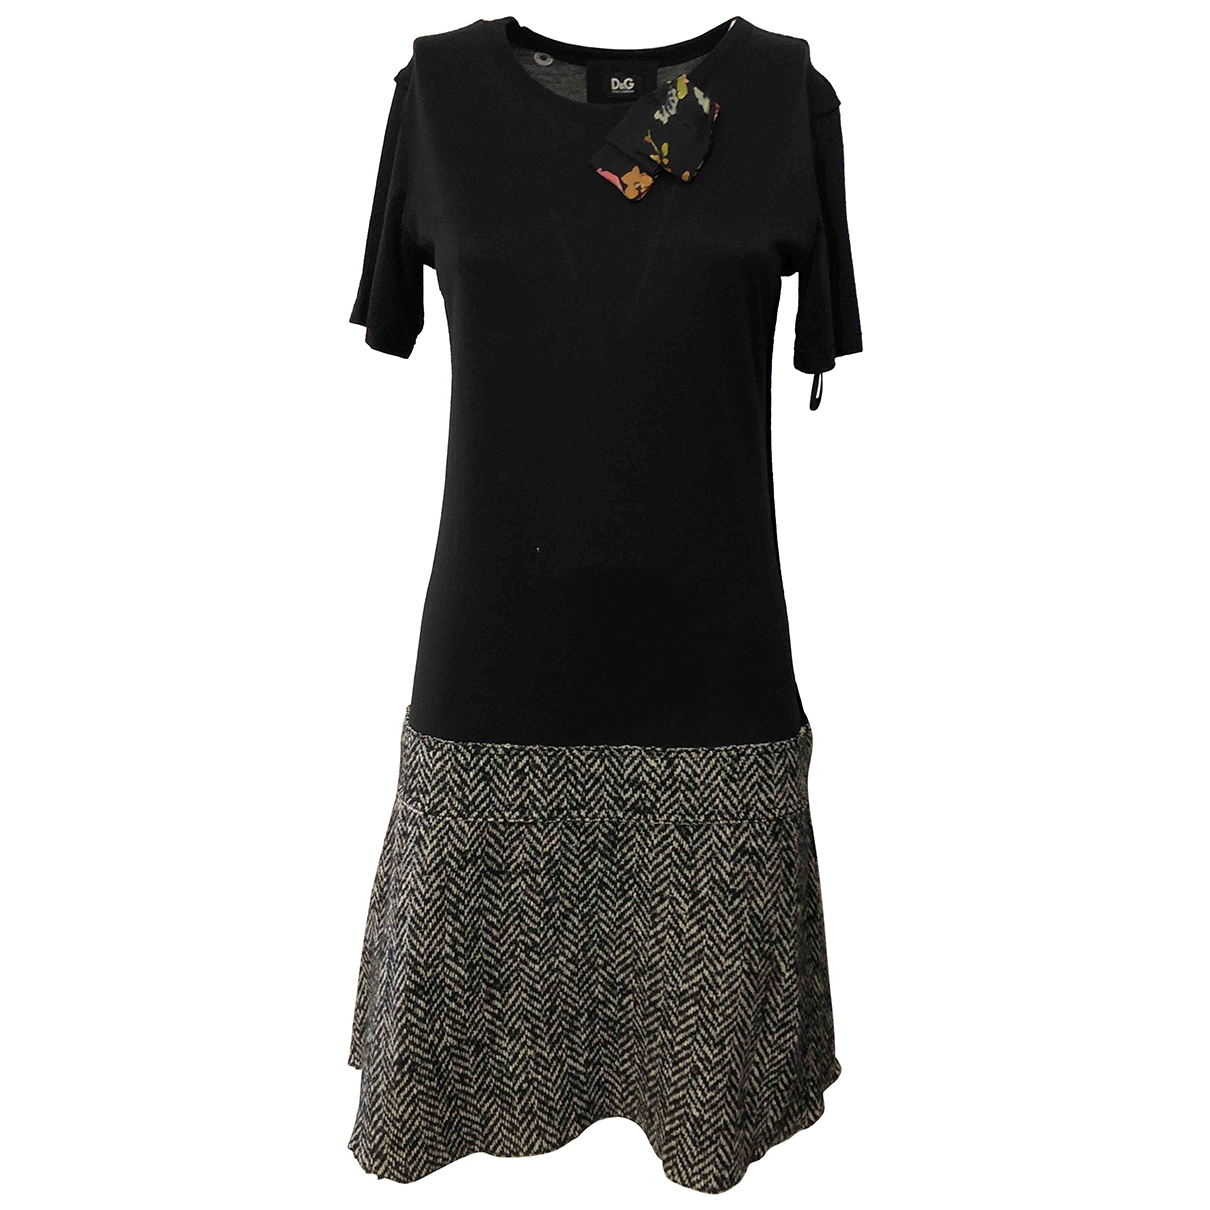 D&g \N Kleid in  Bunt Baumwolle